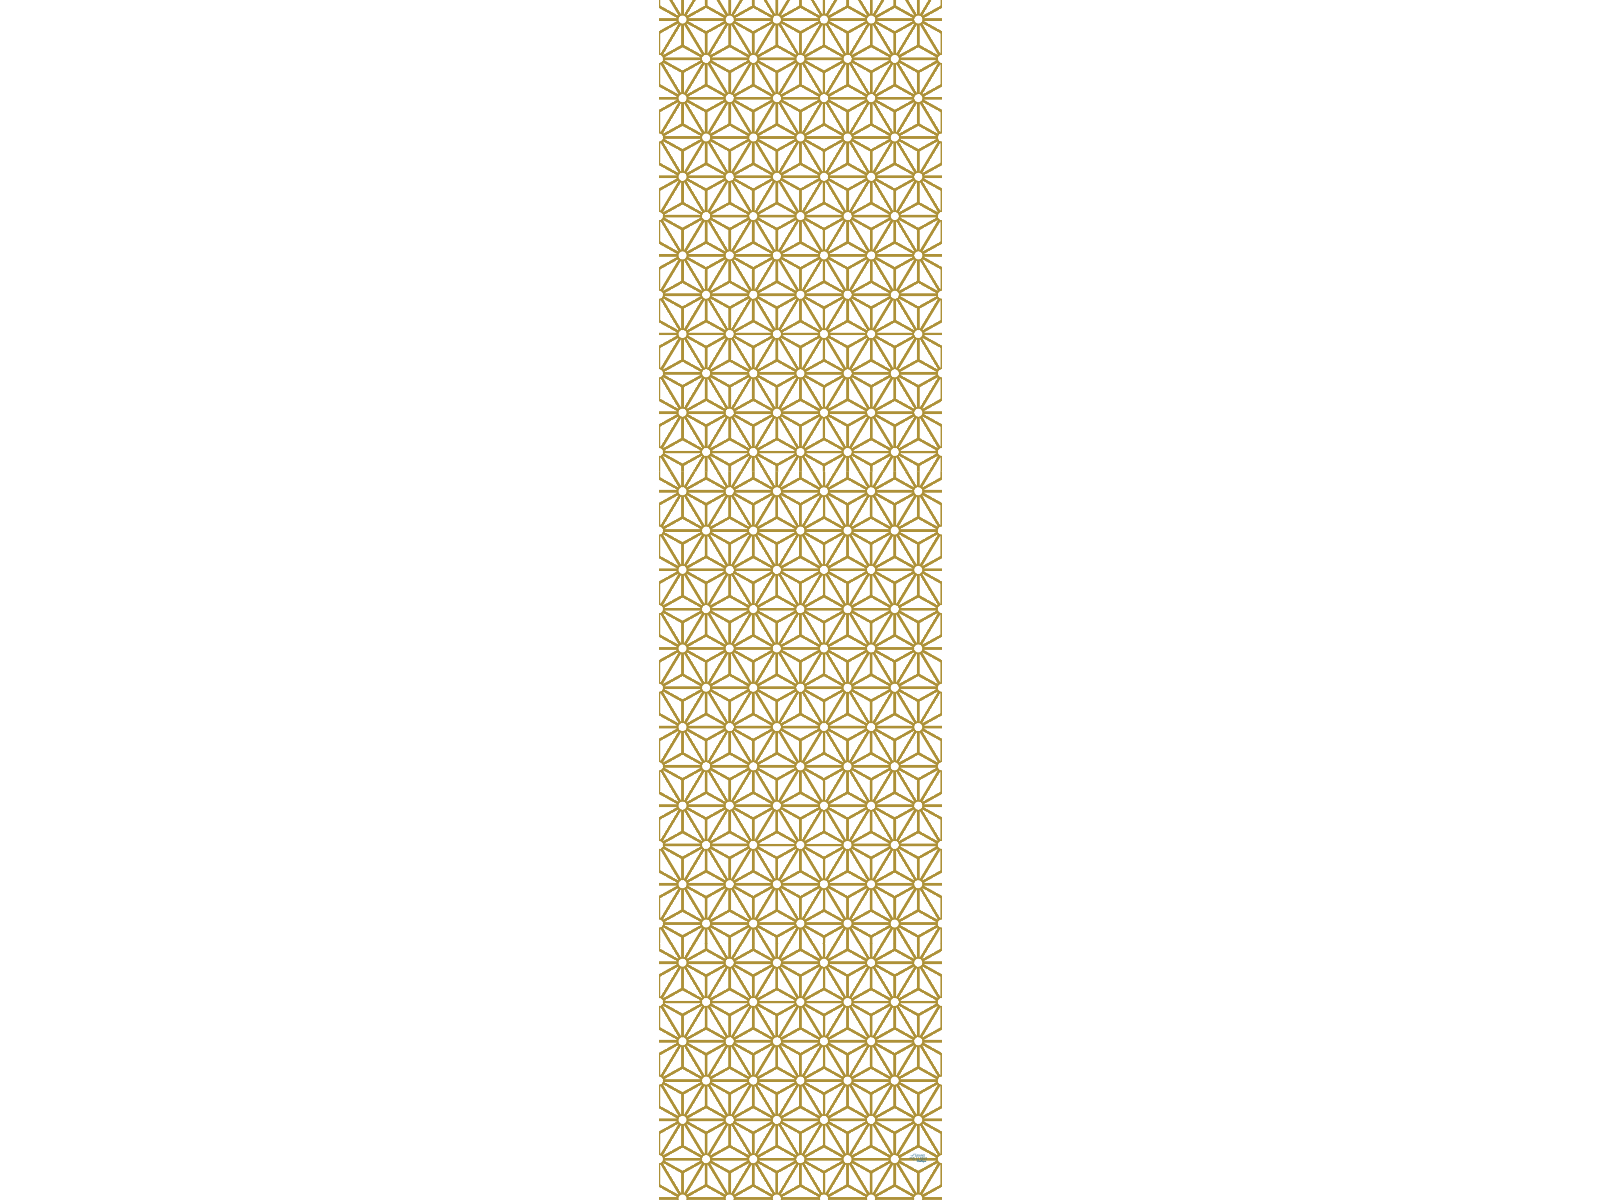 Papier peint adh sif motifs scandinaves et g om triques for Papier peint adhesif repositionnable